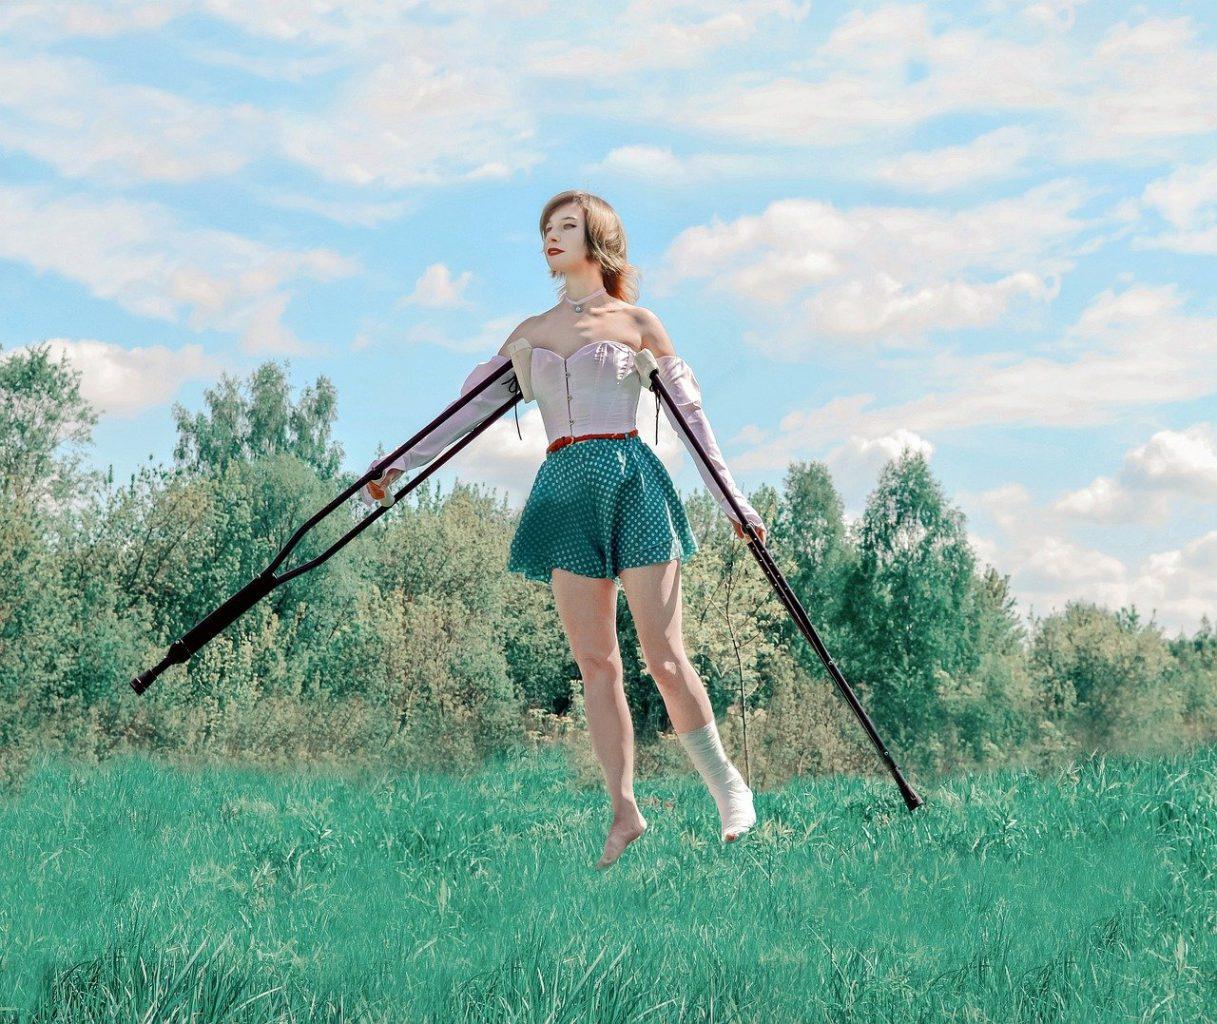 crutches 5235839 1280